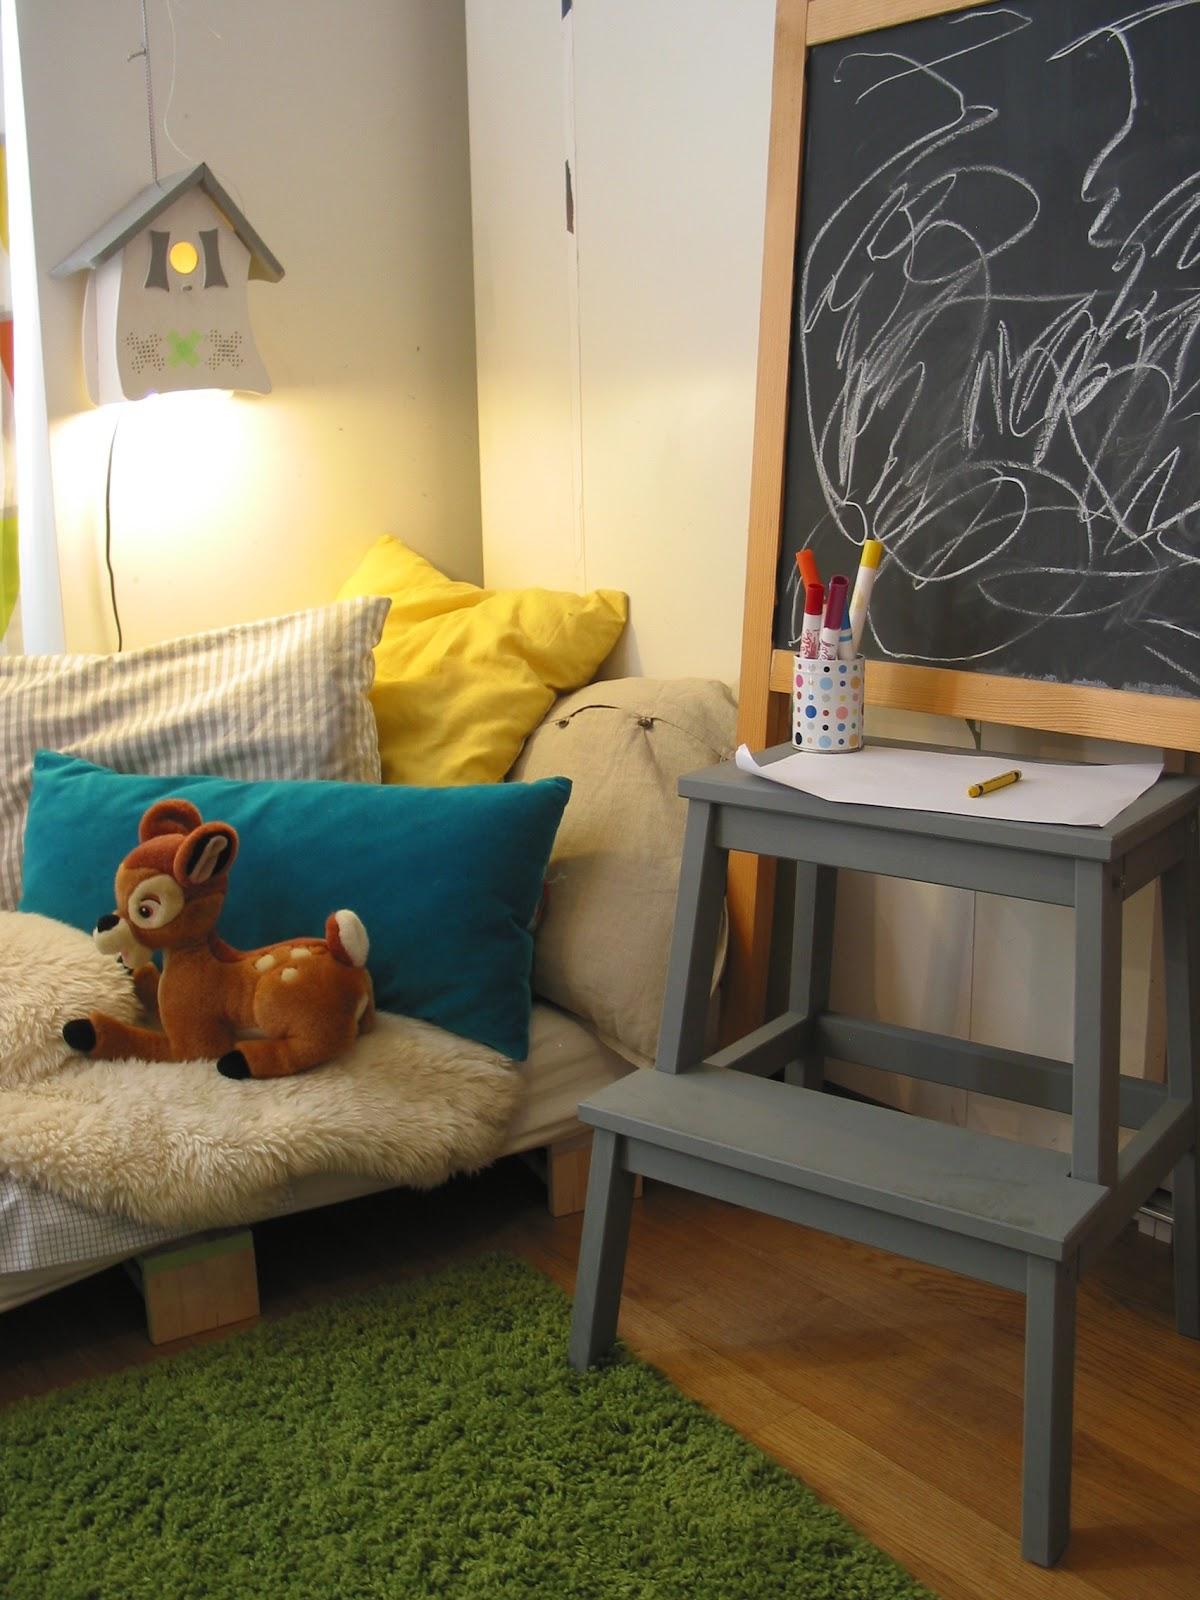 Binario Pensili Cucina Ikea ikea bekvam hacks | mommo design | bloglovin'